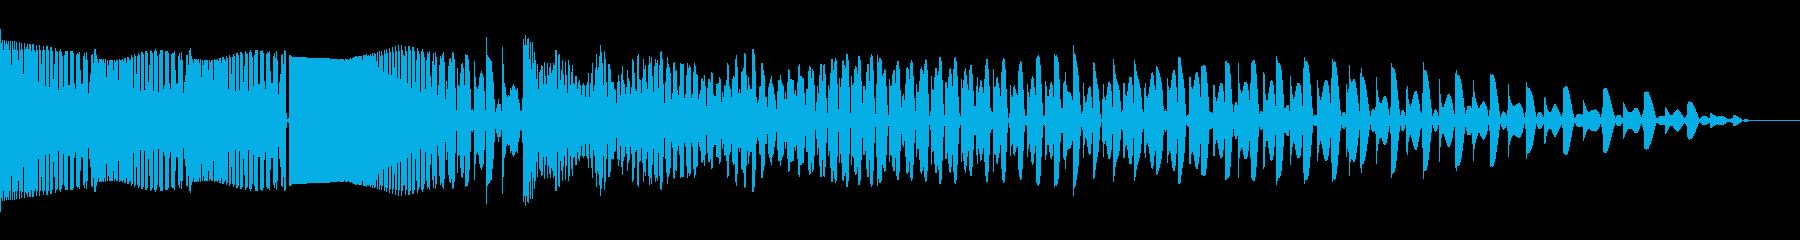 ビッグエレクトロザッパースワイプ3の再生済みの波形